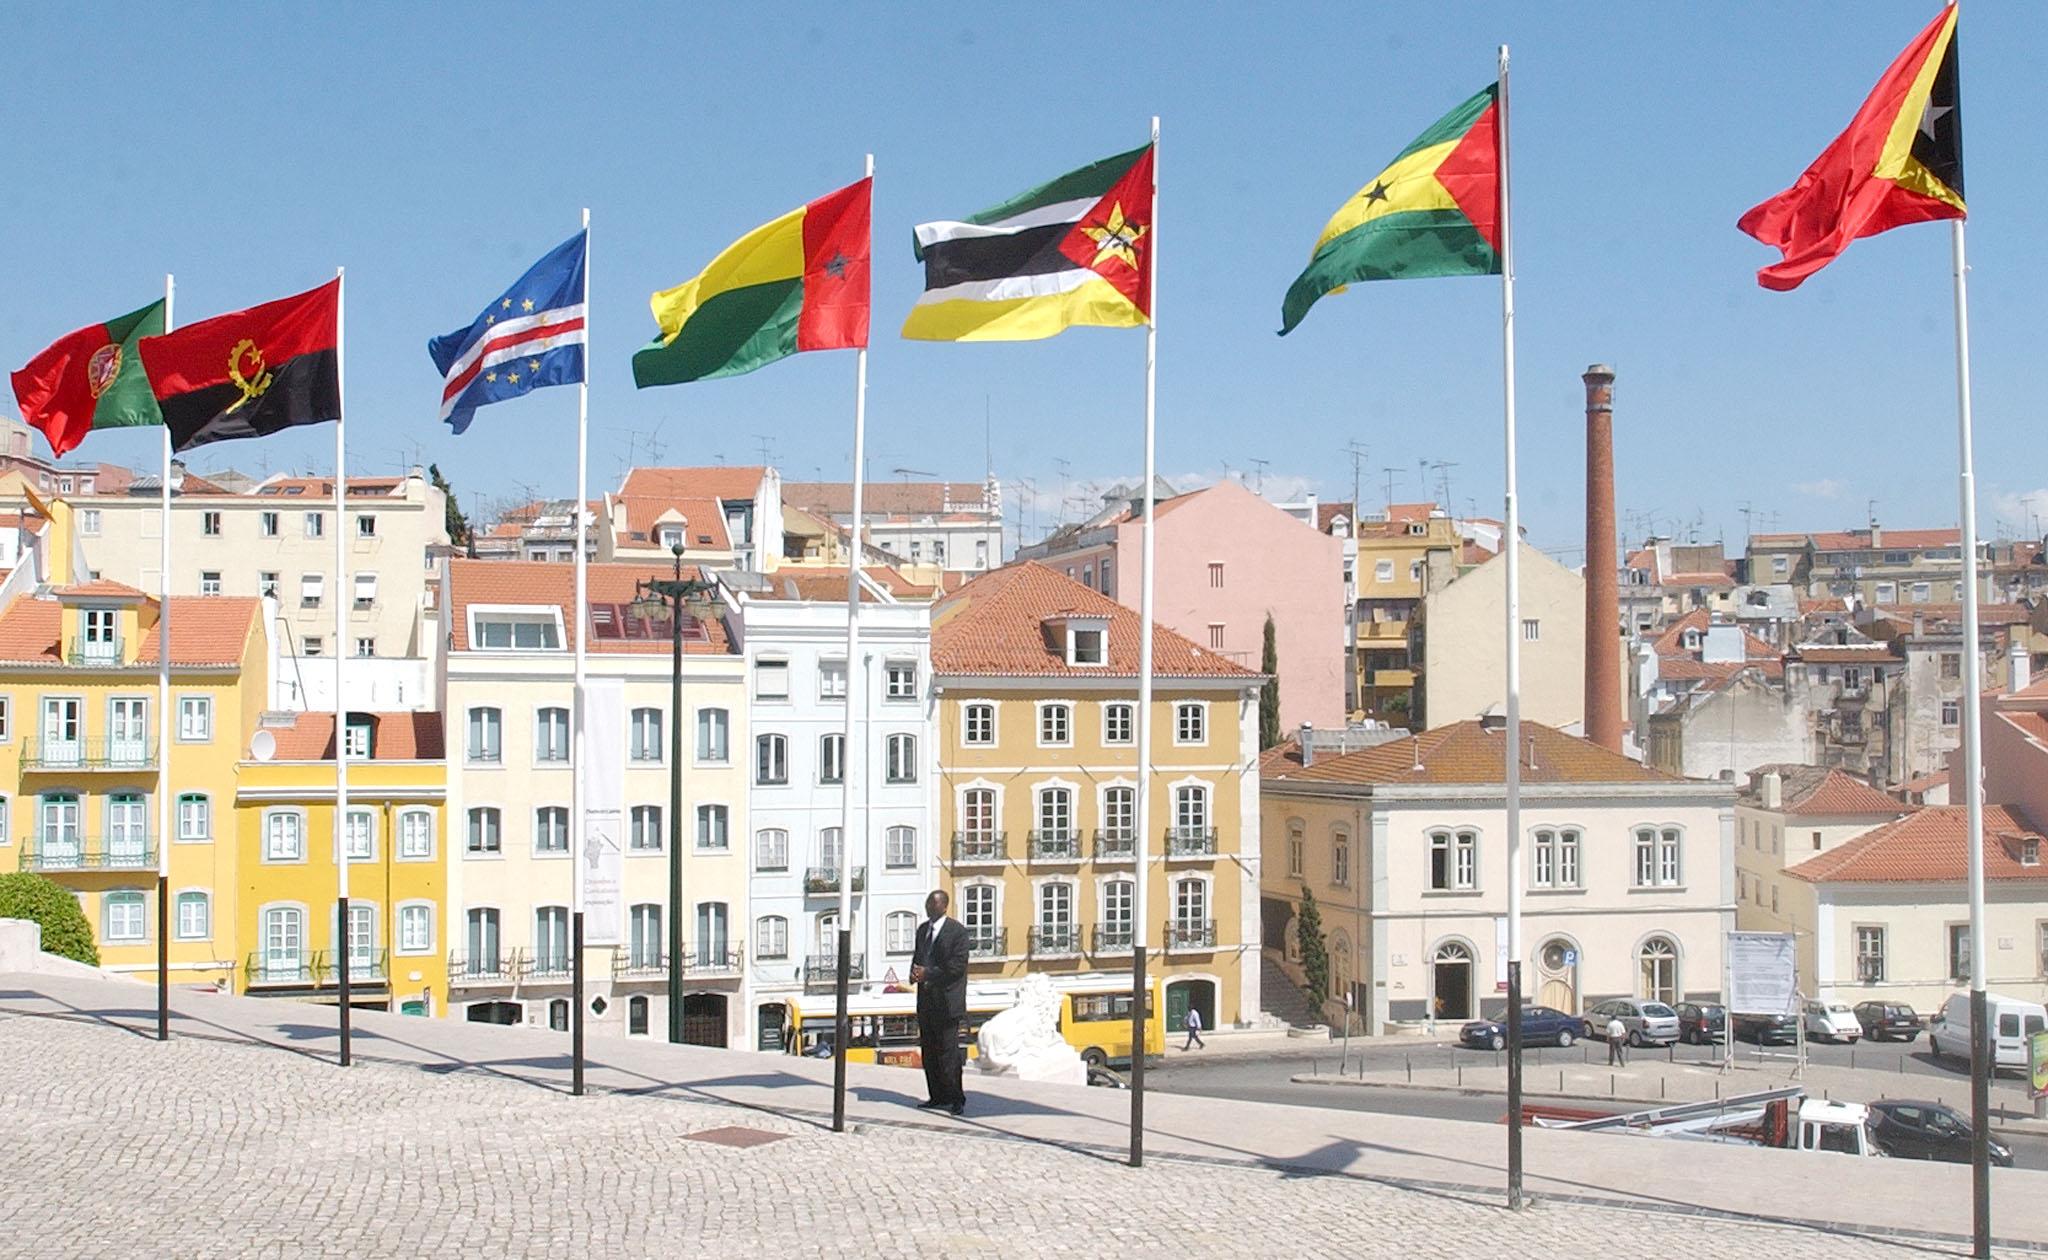 Cooperativa voltada para comunidade lusófona em Portugal é inaugurada sexta-feira